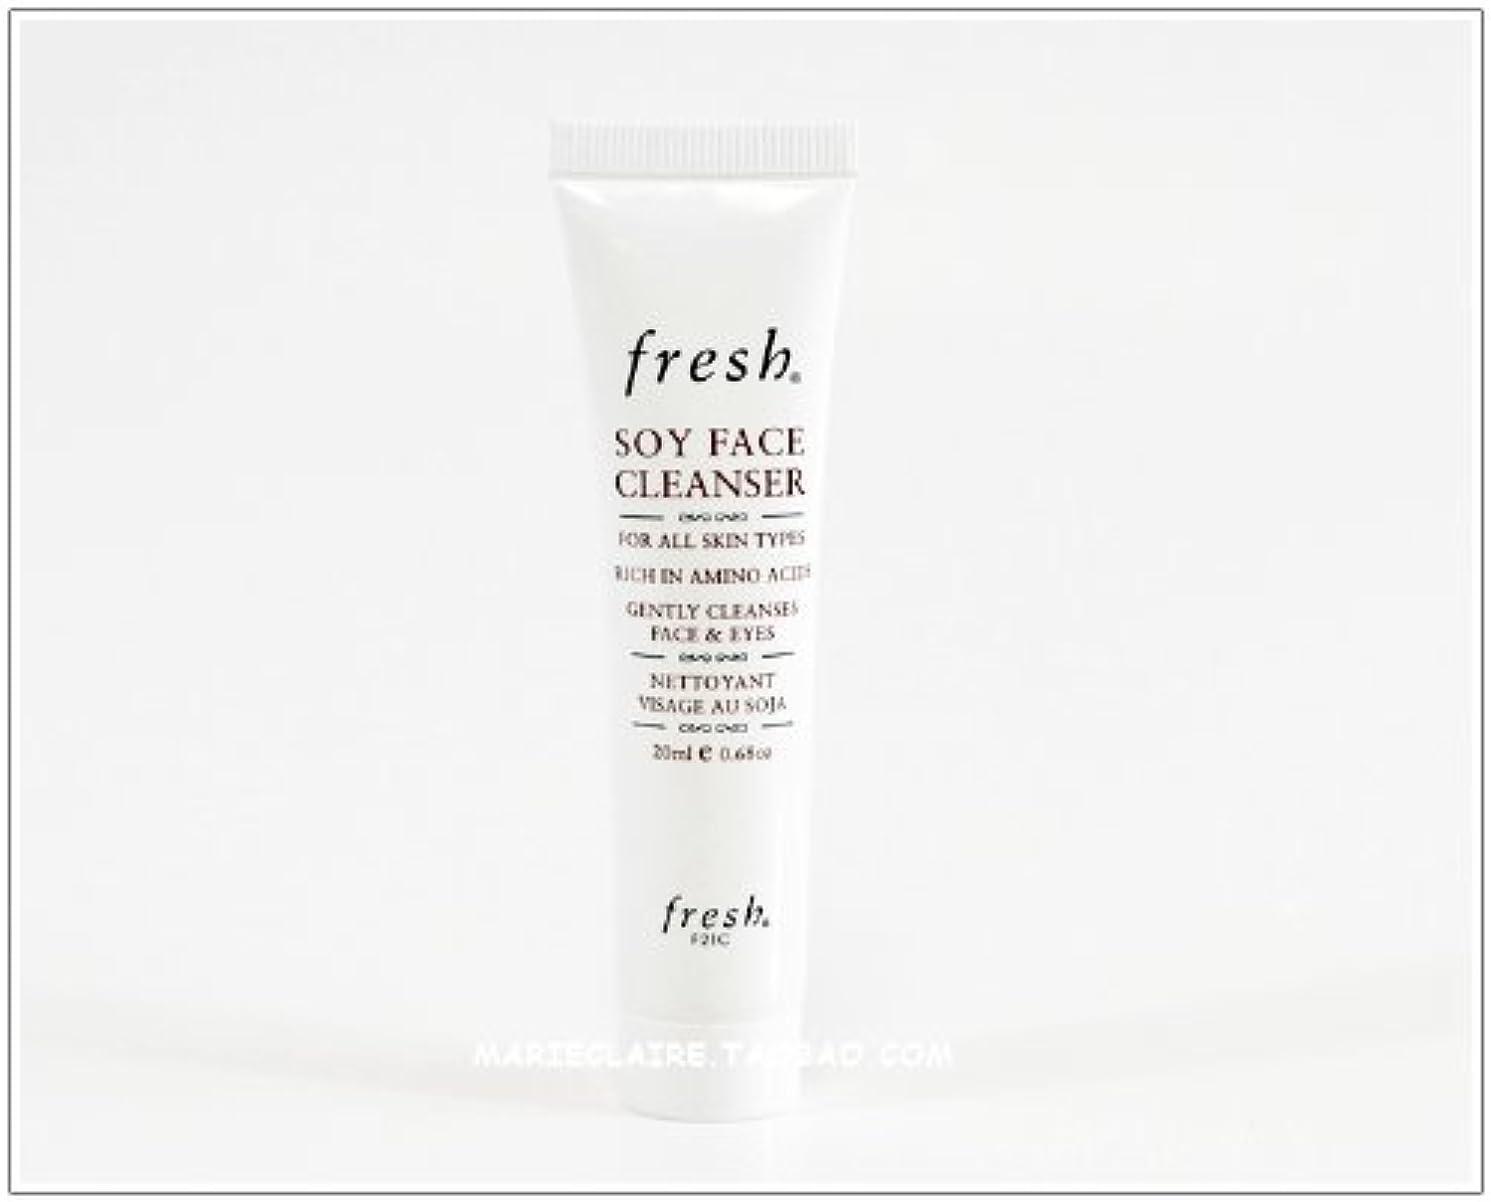 デコレーションキノコ透けるFresh SOY FACE CLEANSER (フレッシュ ソイ フェイス クレンザー) 0.6 oz (20ml) トラベルサイズ by Fresh for Women